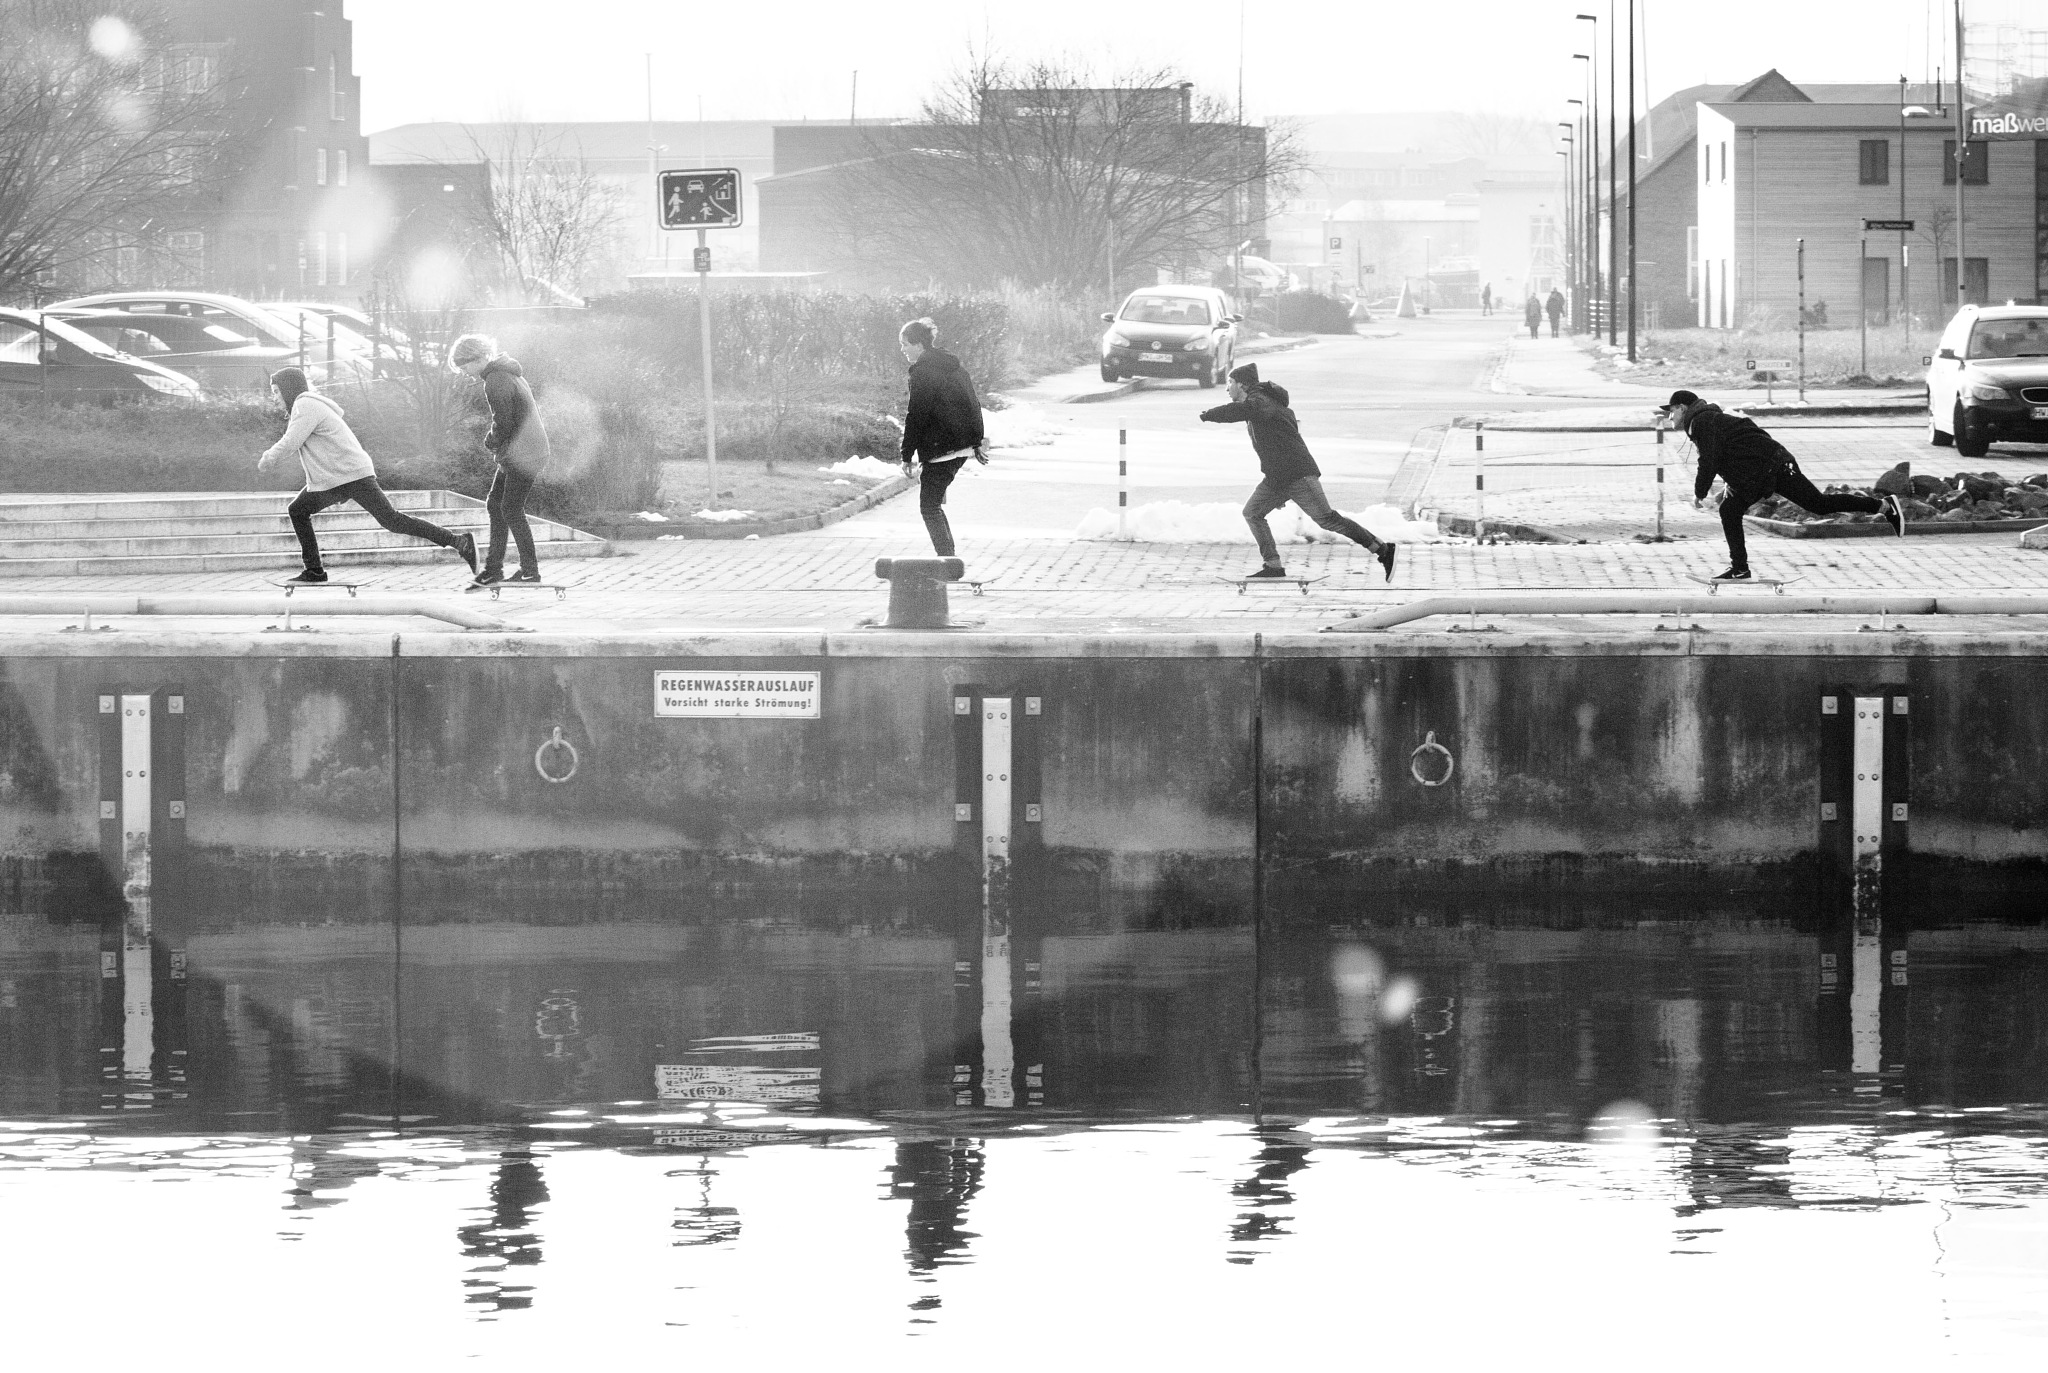 local skateszene by Adrian Jaffé